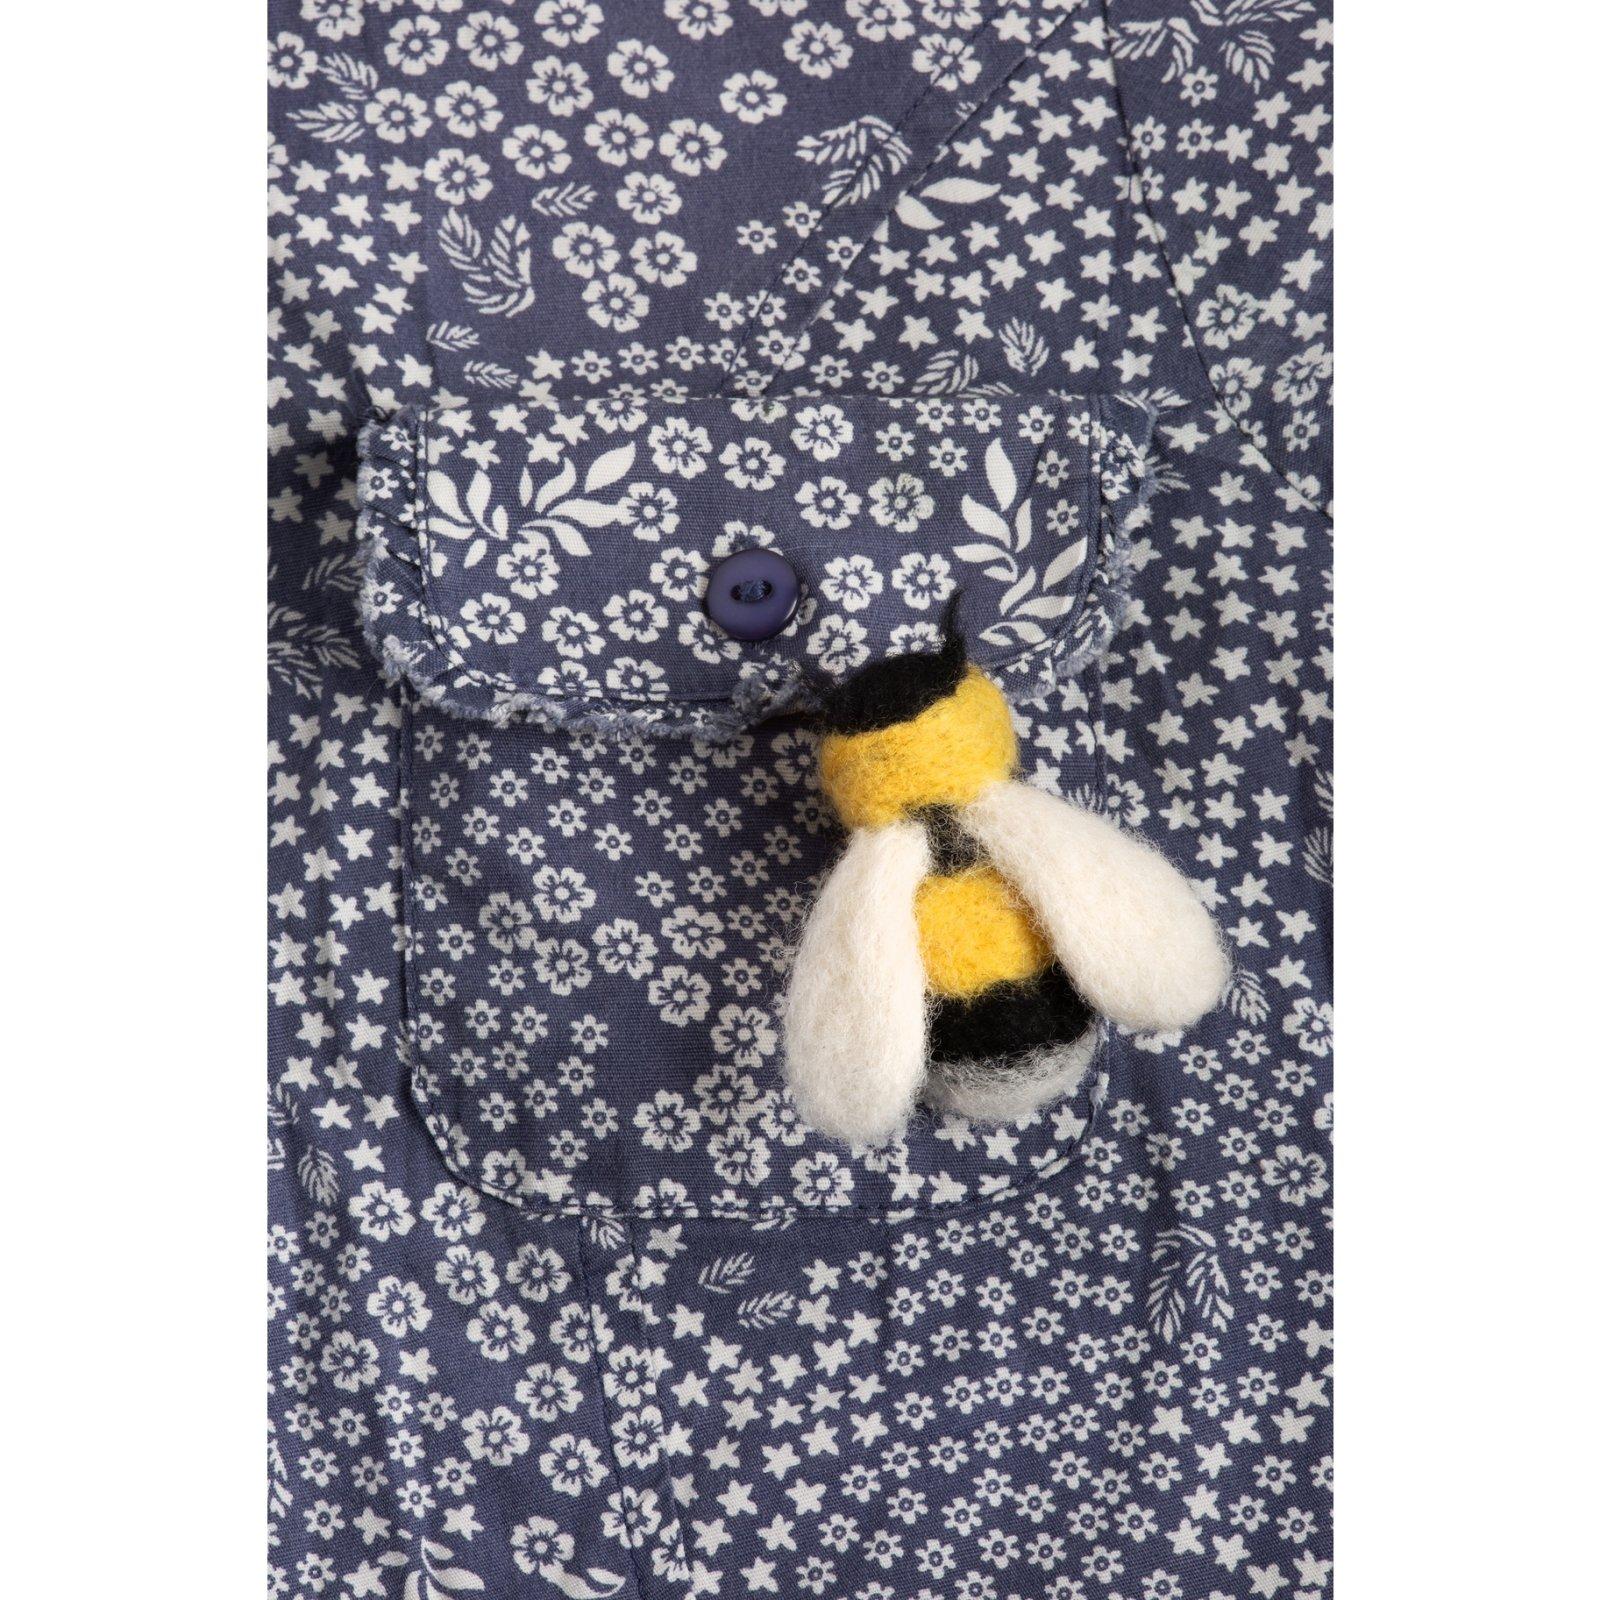 Hawthorn Handmade Bee Brooch Felting Kit Needle Felting Kit